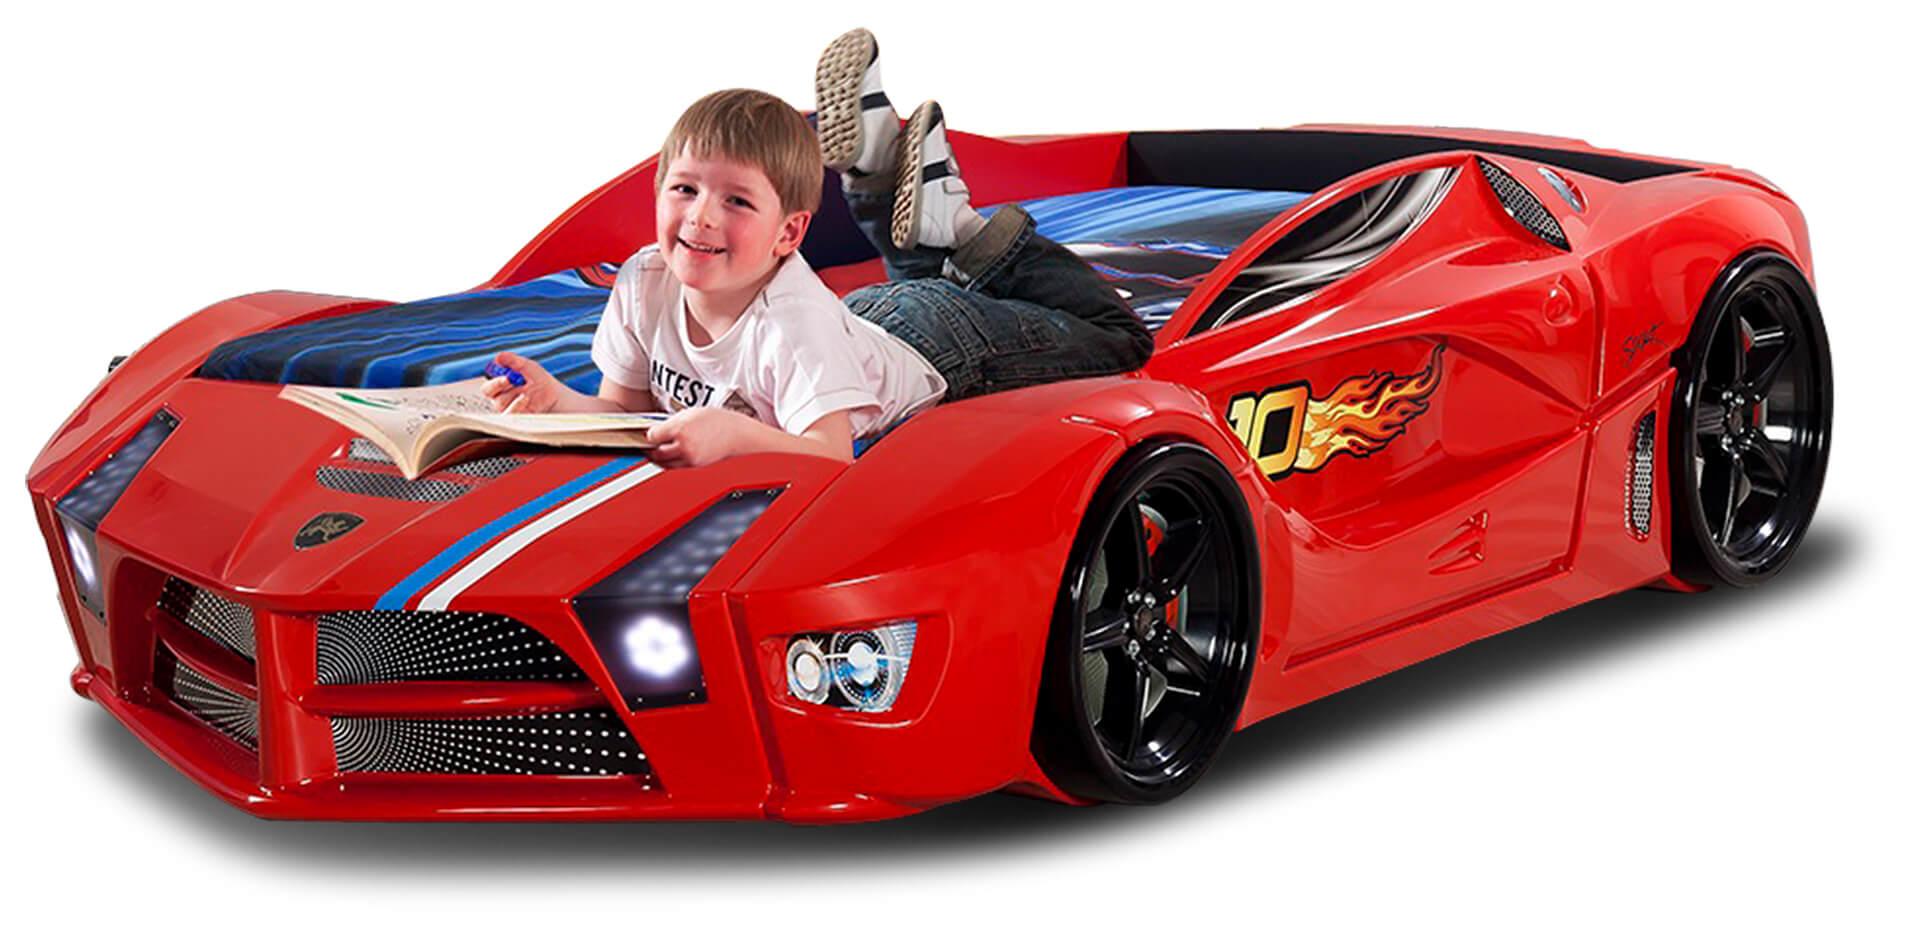 Autobett Luxury Standard in Rot mit LED Scheinwerfern und Sound